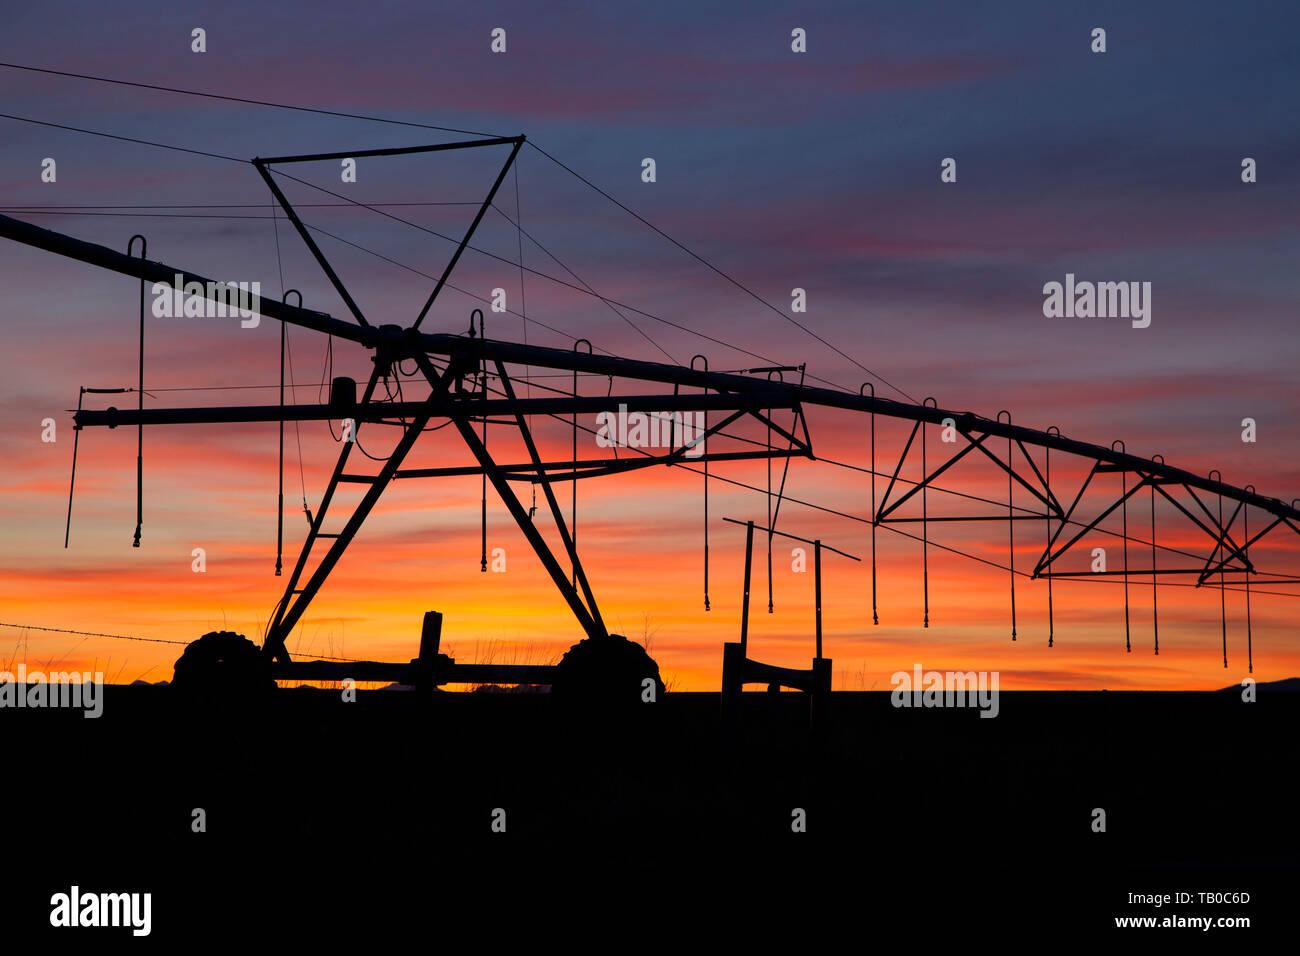 Agriculture Montana Farm Stock Photos & Agriculture Montana